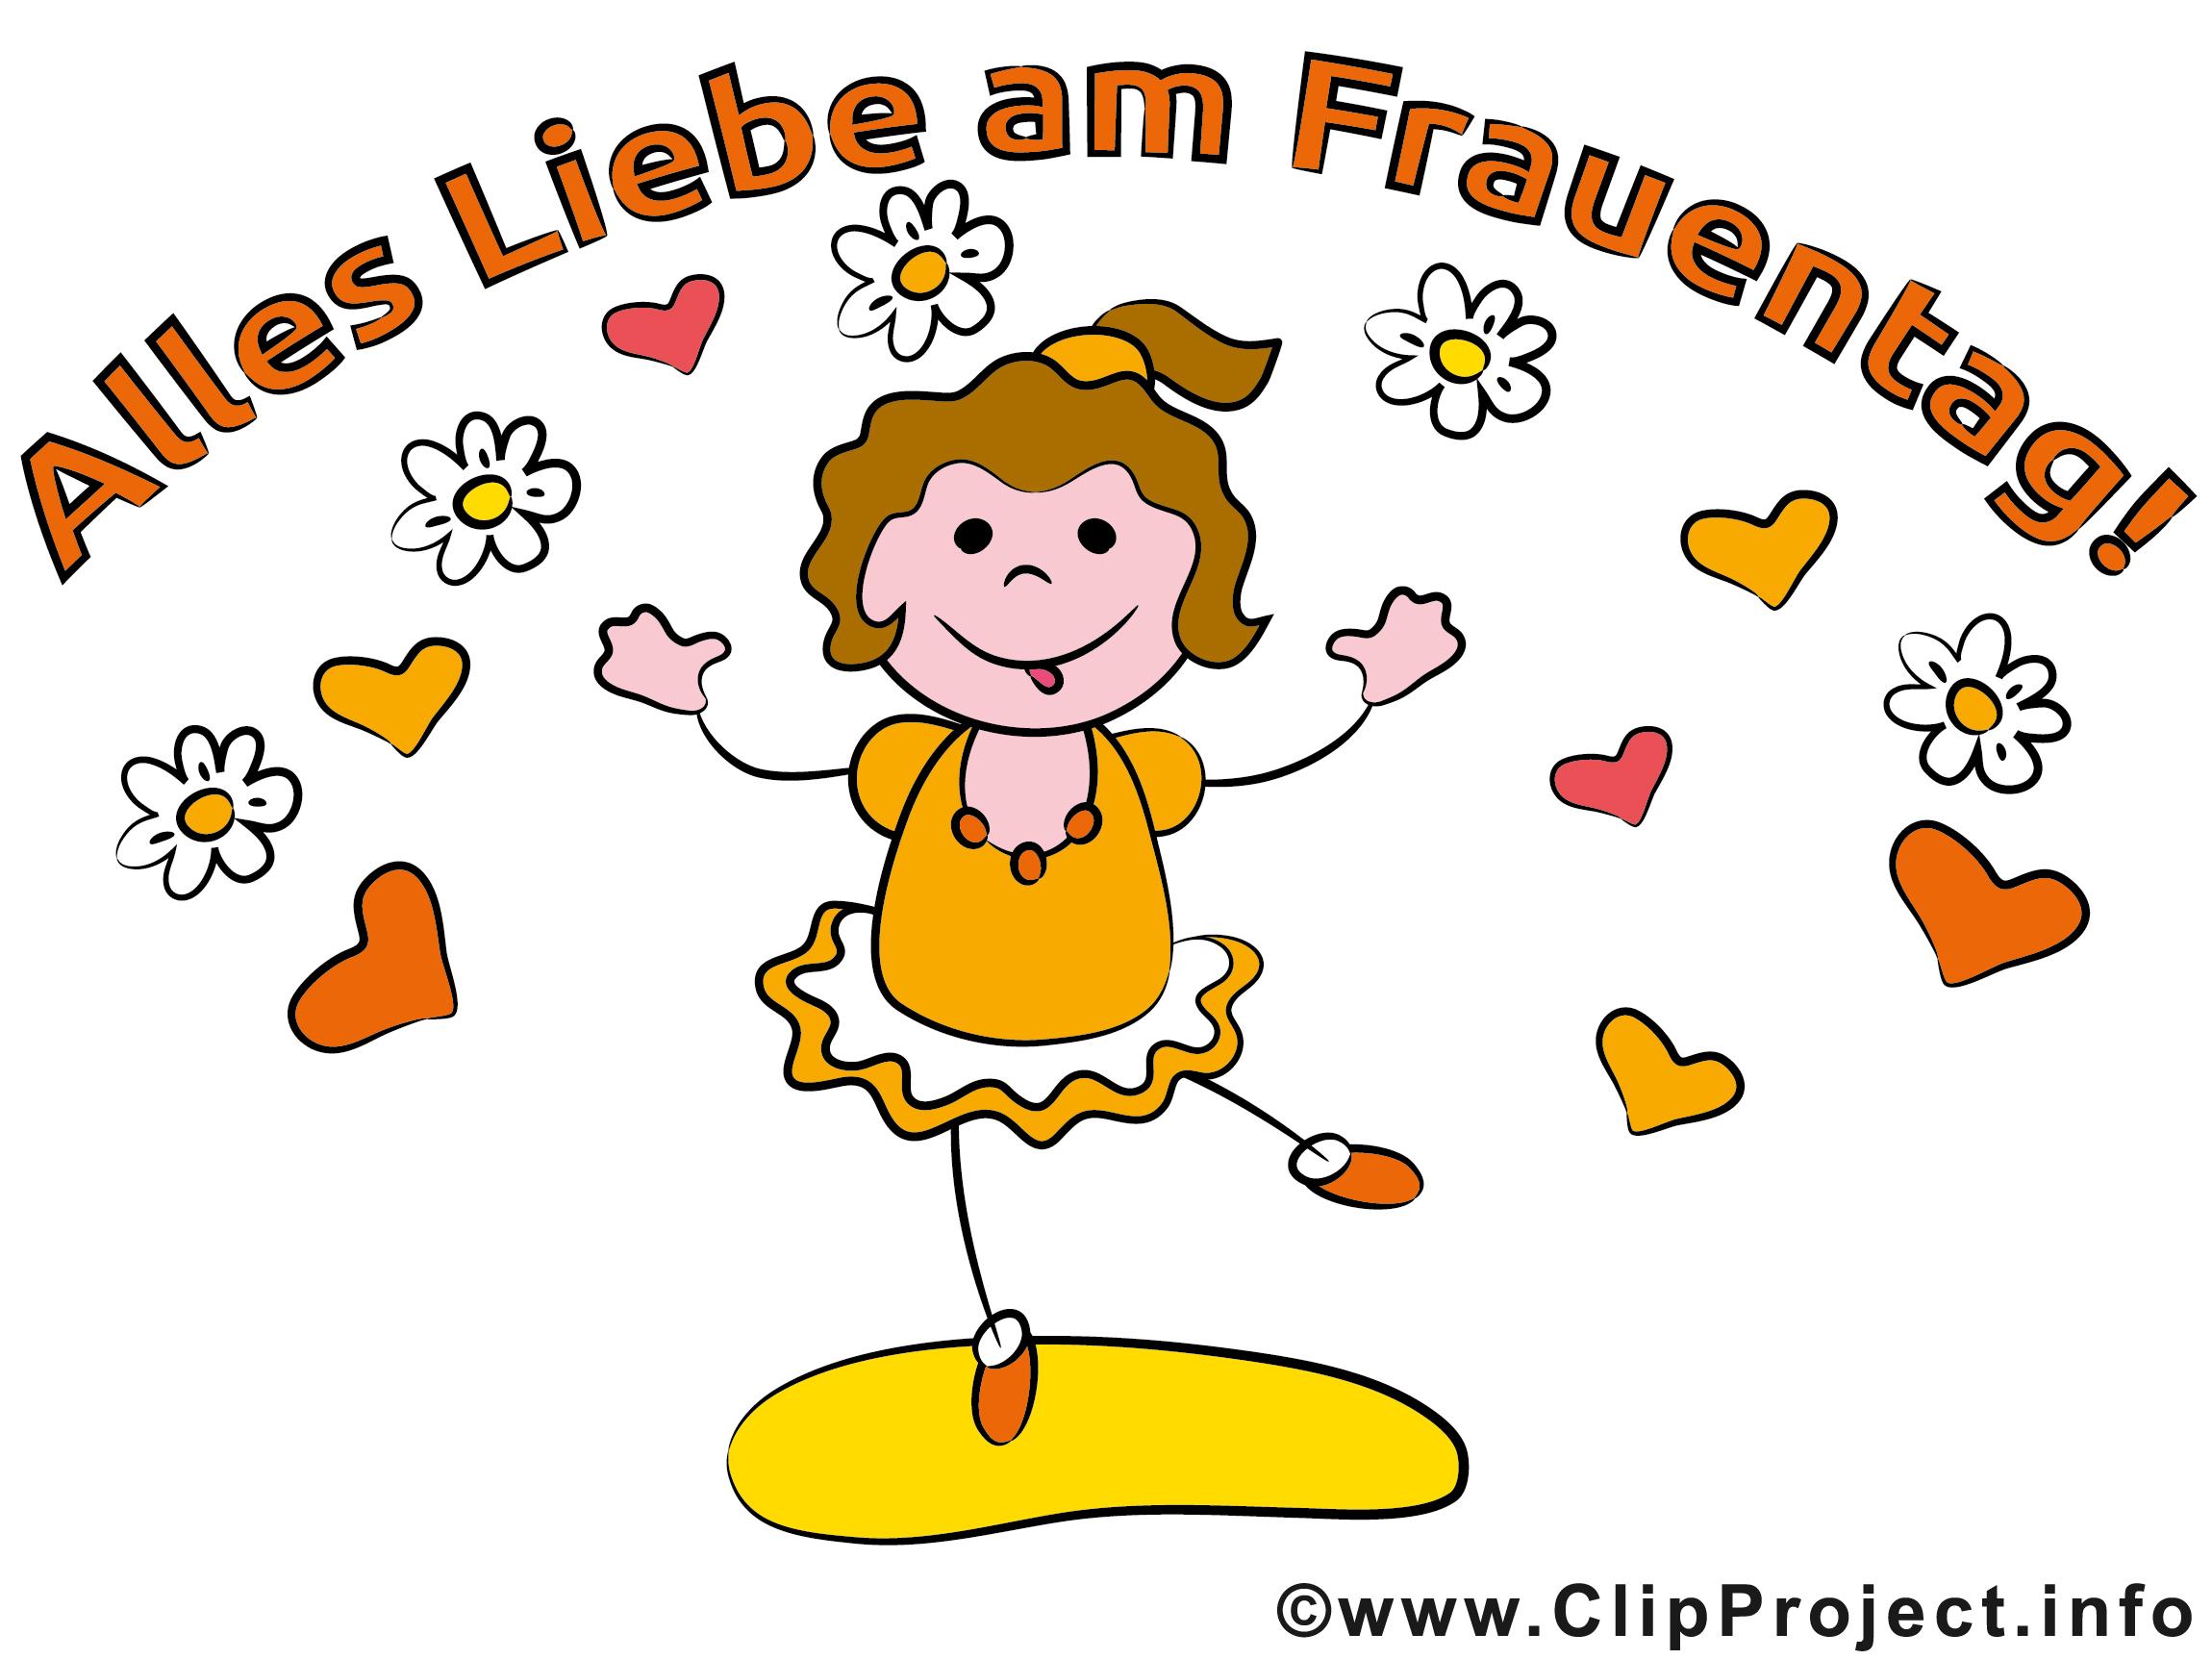 Weltfrauentag Spruche Whatsapp Spruche Chef Loben 2020 03 05